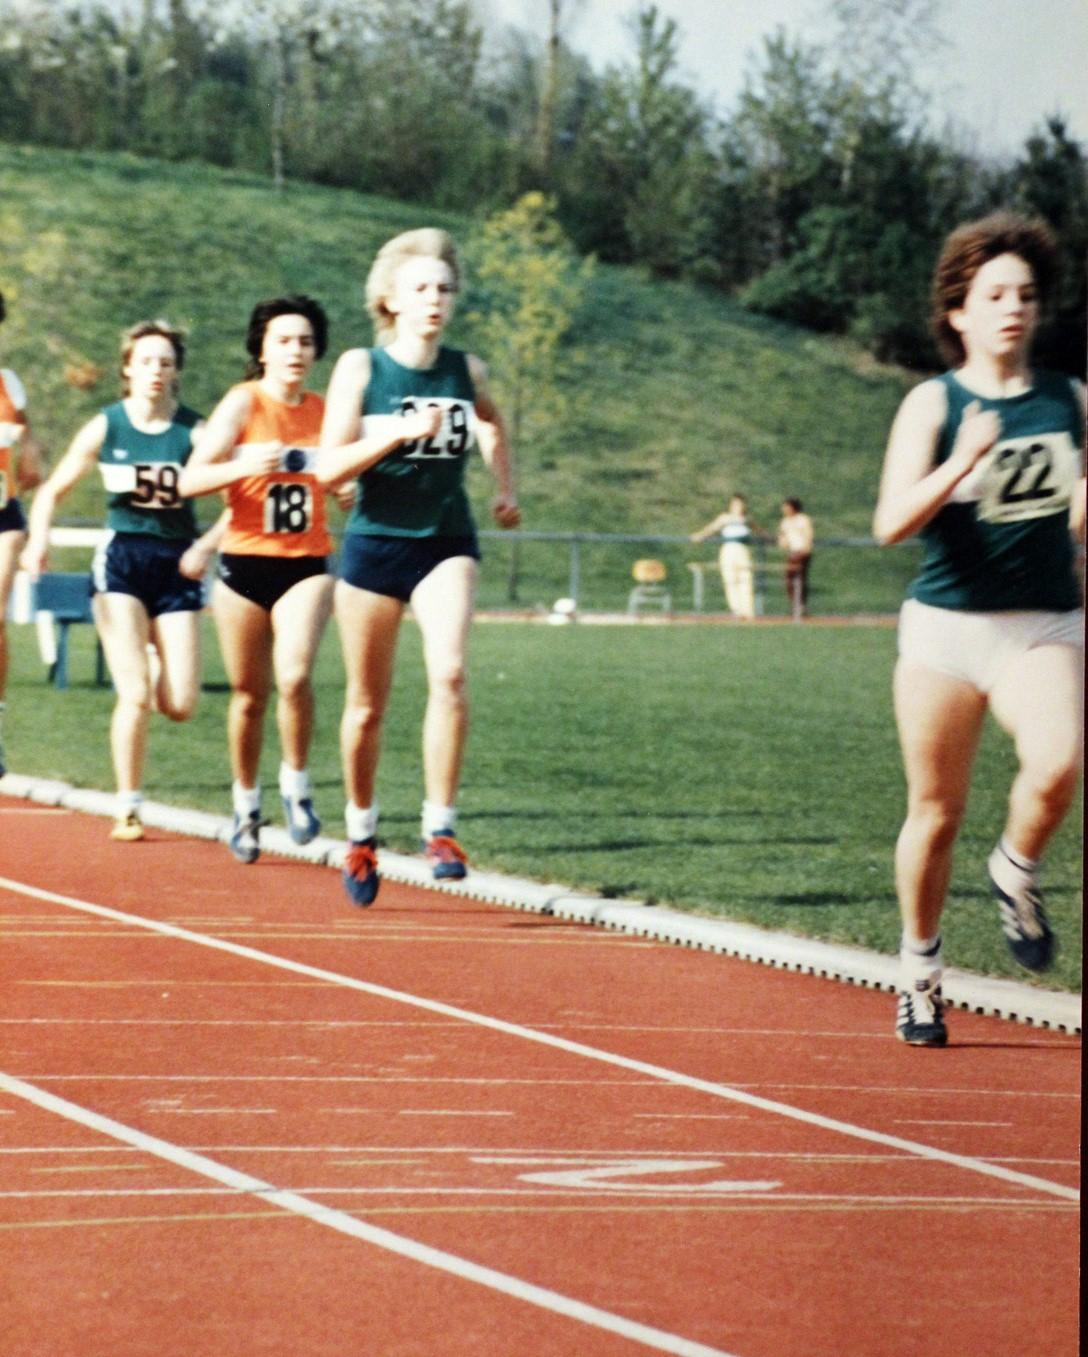 Vorne Evi Schaller, gefolgt von Claudia Pfänder und Marita Hirle (links, Nr. 59) beim Siebenkampf 1984.